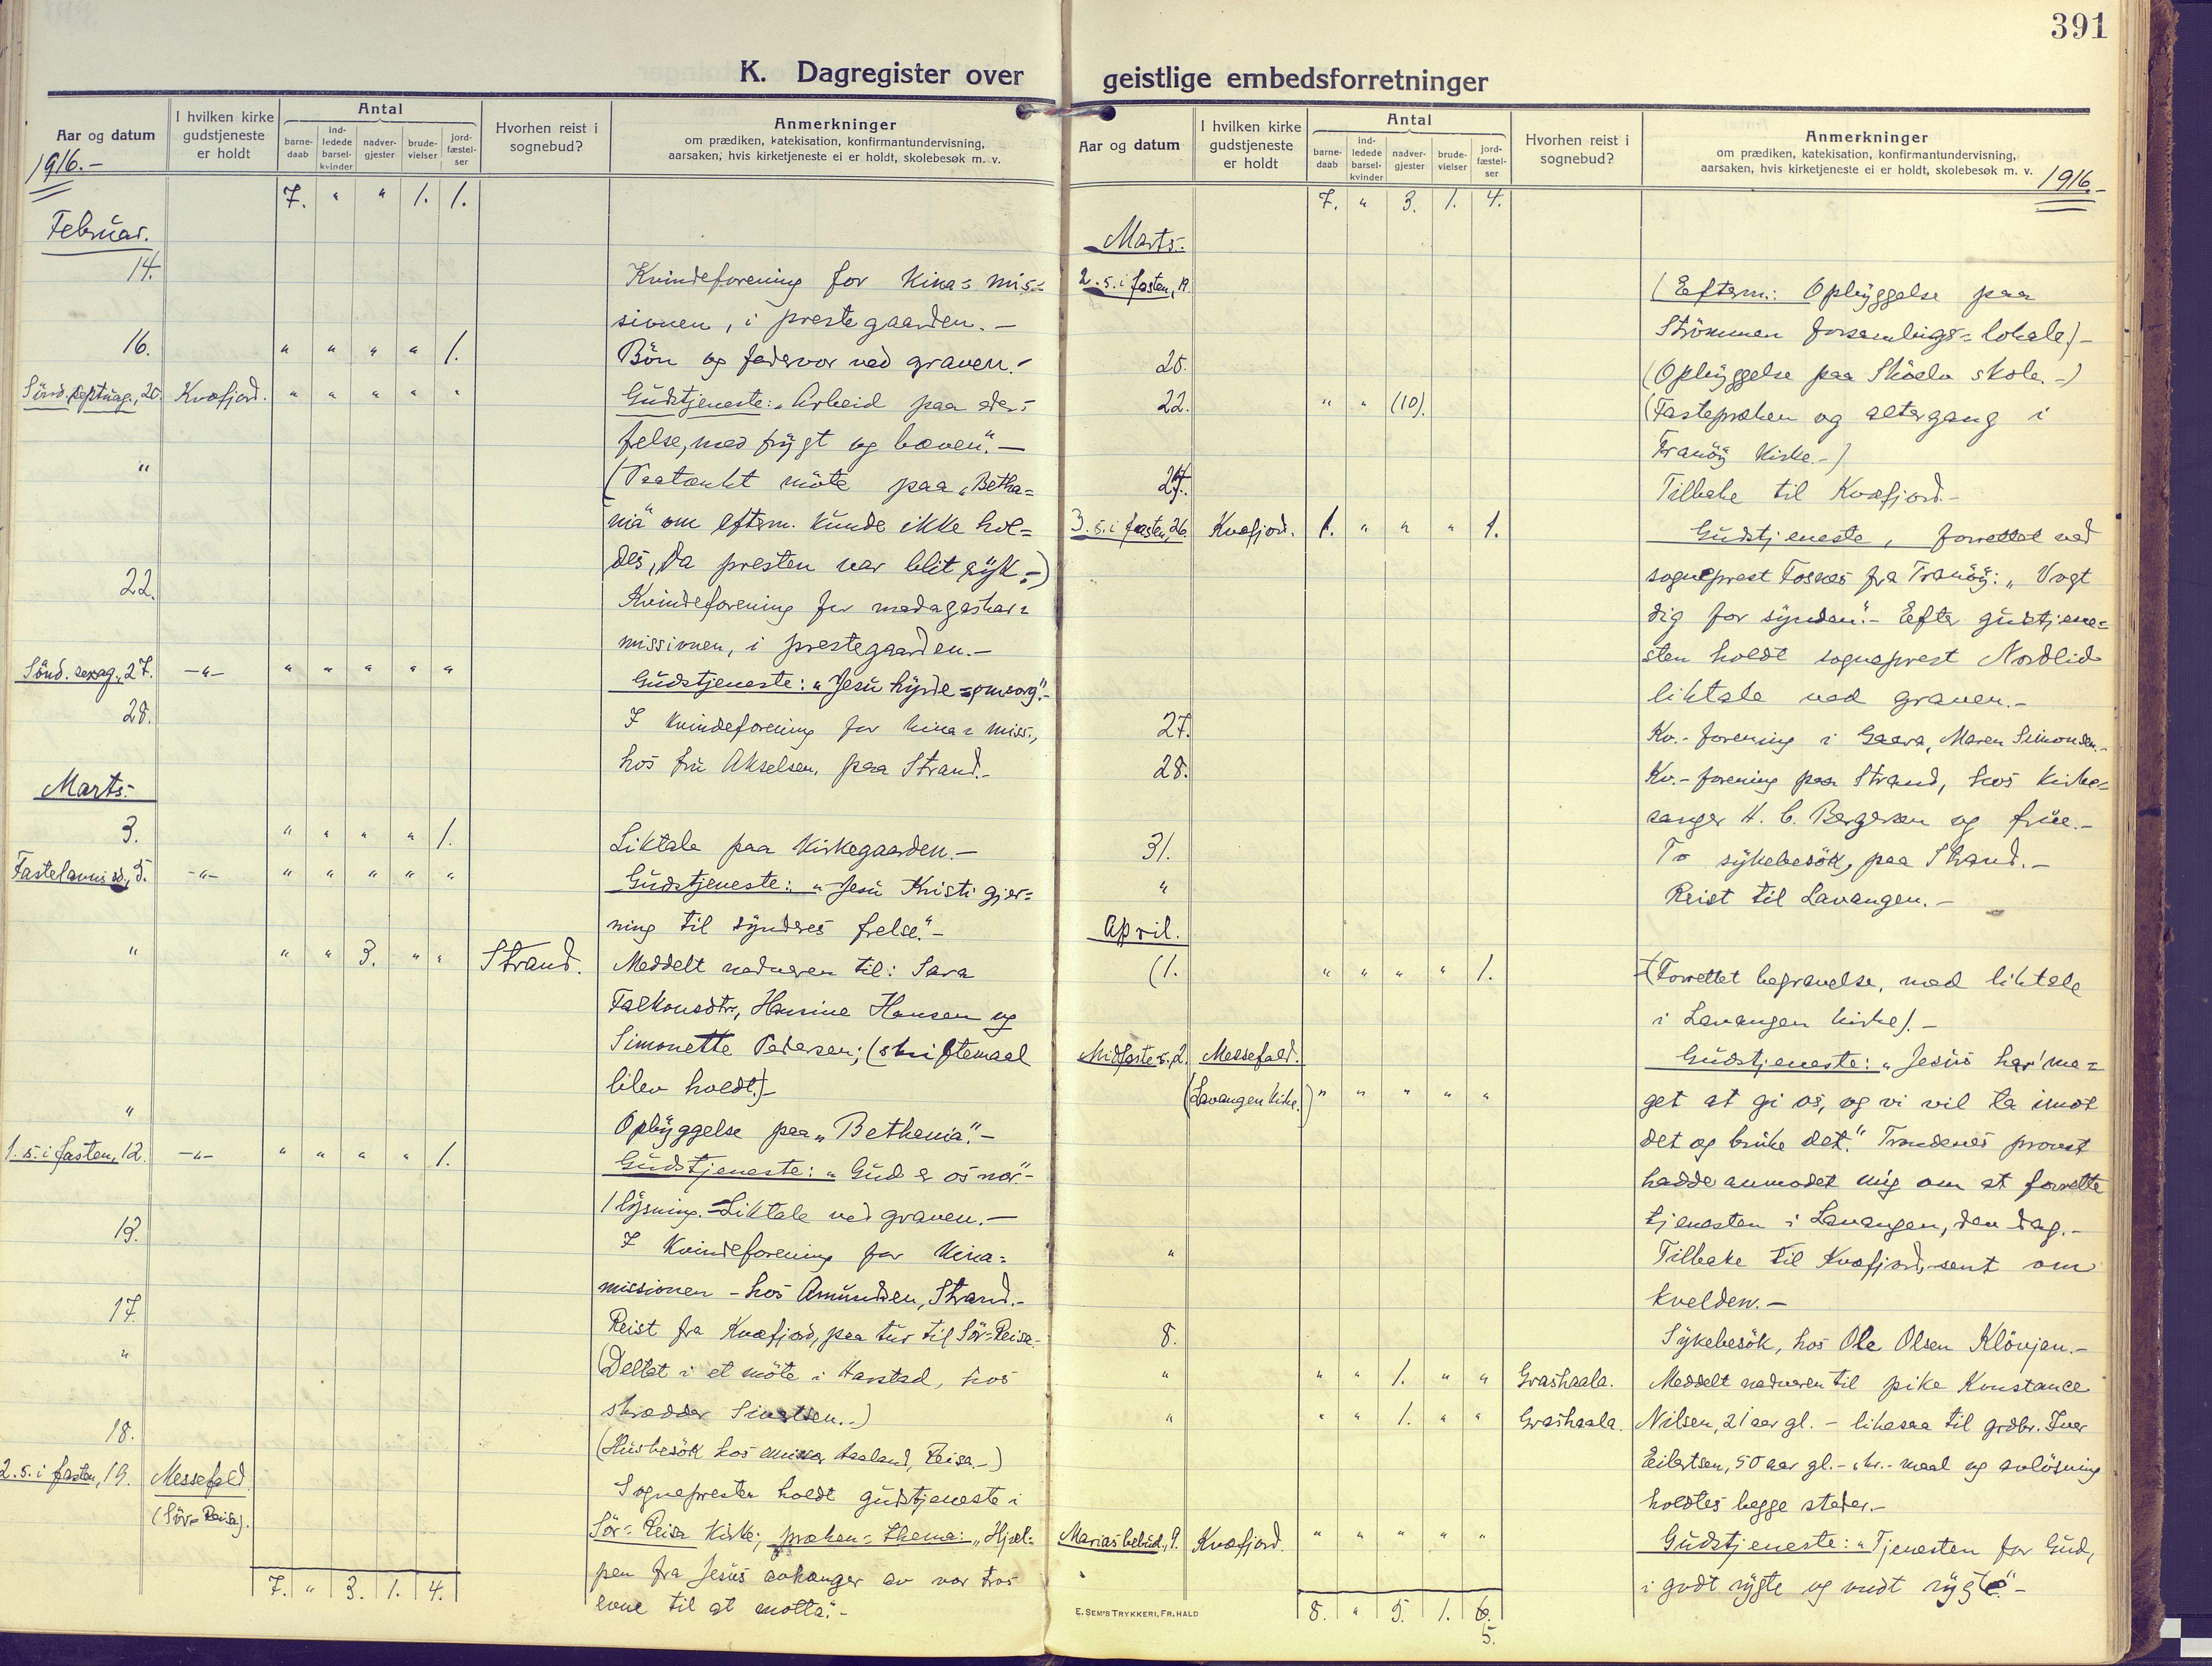 SATØ, Kvæfjord sokneprestkontor, G/Ga/Gaa/L0007kirke: Ministerialbok nr. 7, 1915-1931, s. 391